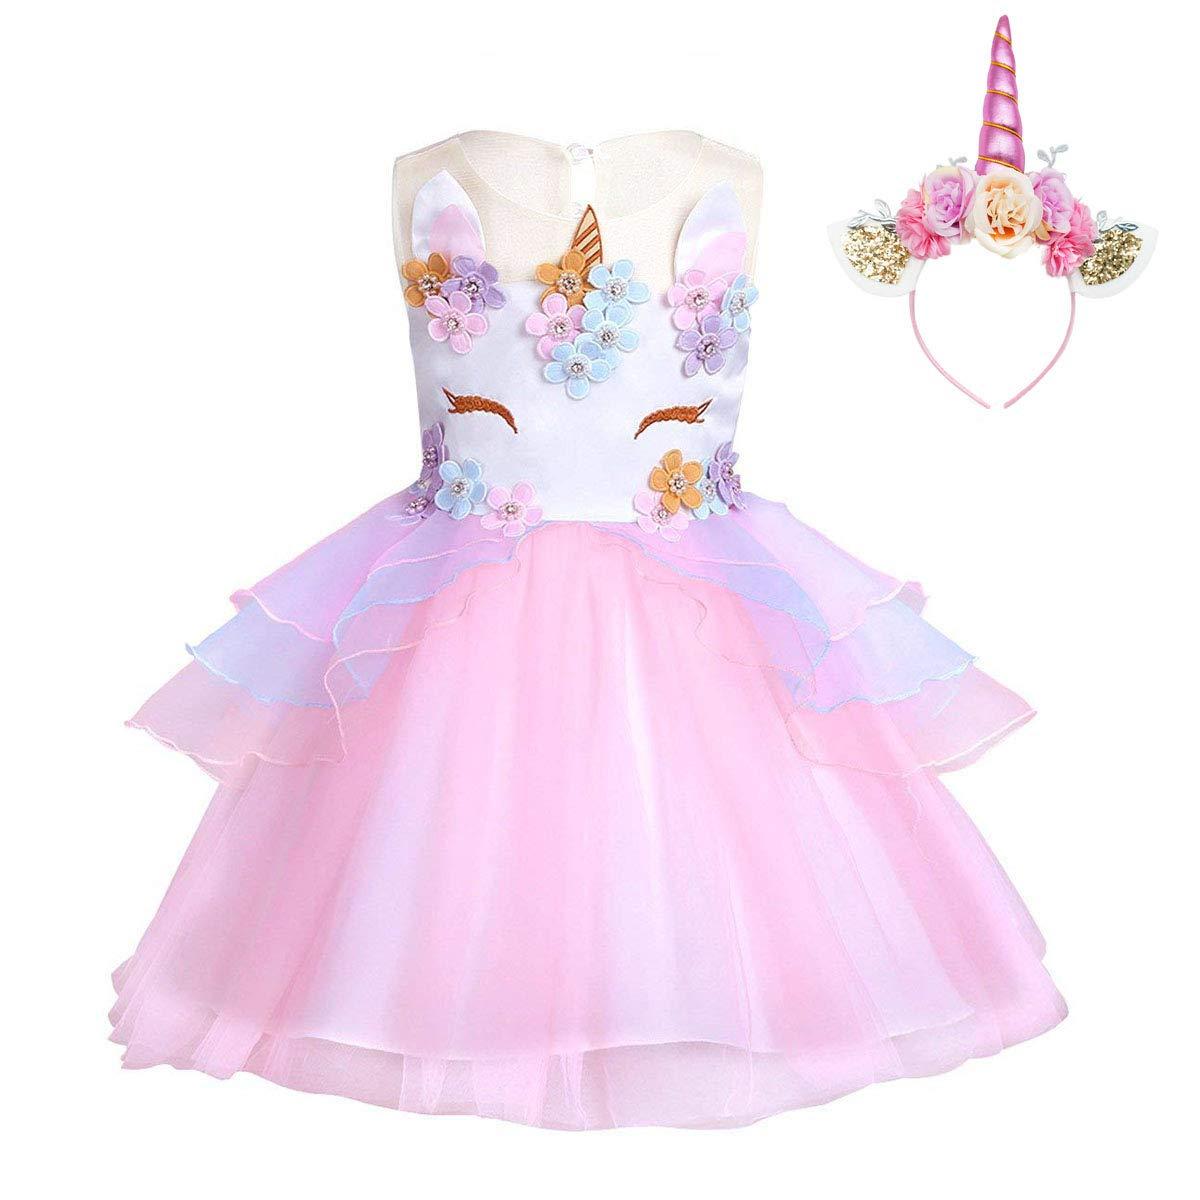 805a22250 FONLAM Vestido de Fiesta Princesa Niña Bebé Disfraz de Unicornio Ceremonia  Cumpleaños Vestido Infantil Flores Carnaval